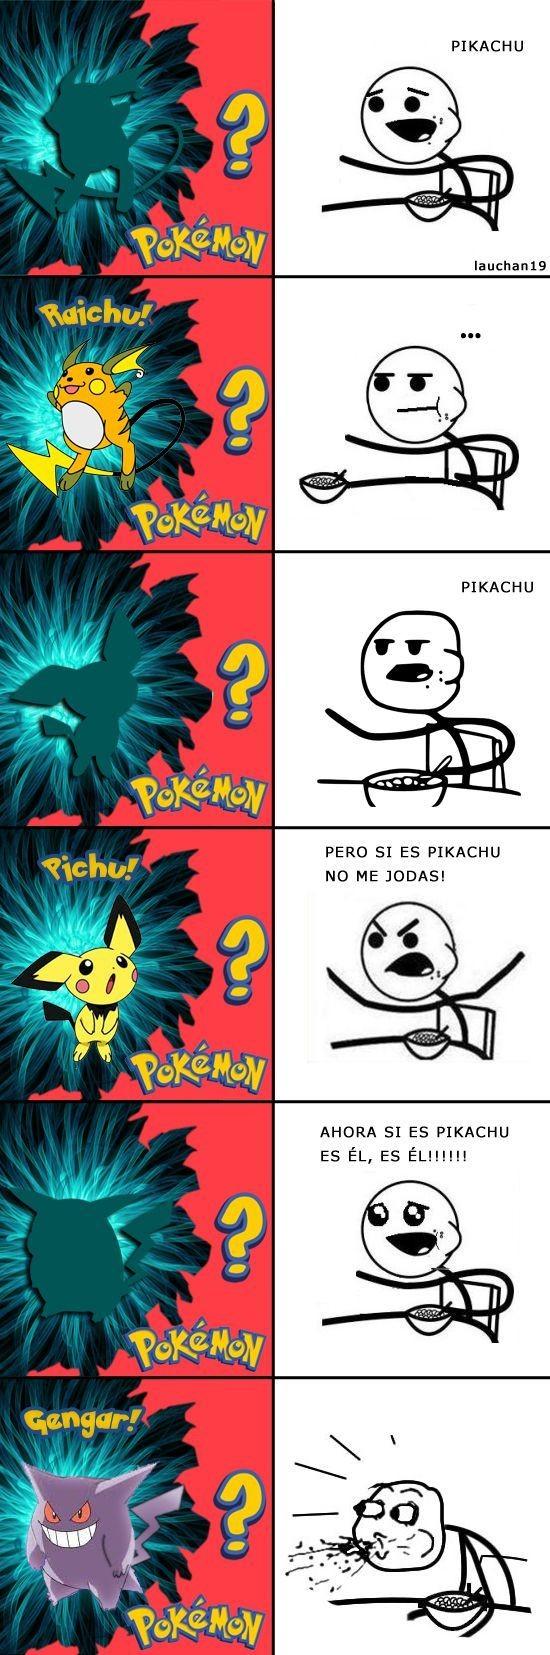 A_nadie_le_importa - Tratando de adivinar al Pokémon